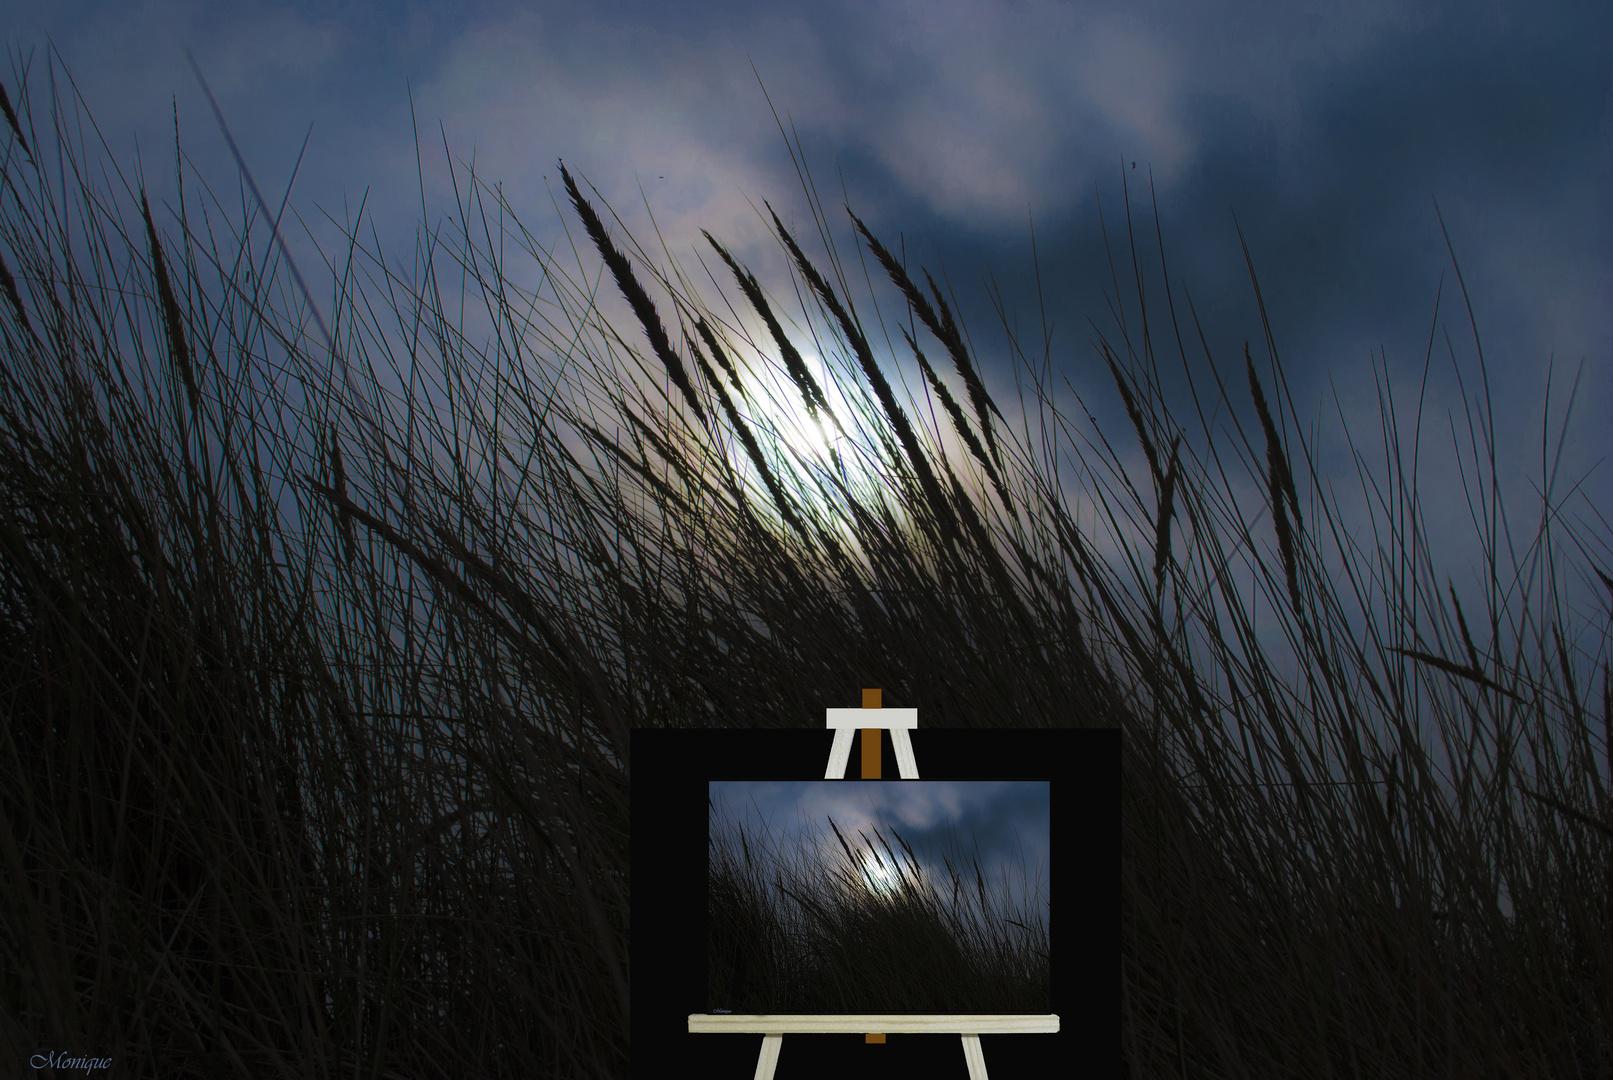 Peinture fraîche !!! photo et image | visions artistiques, ciel nuages soleil , sujets Images ...